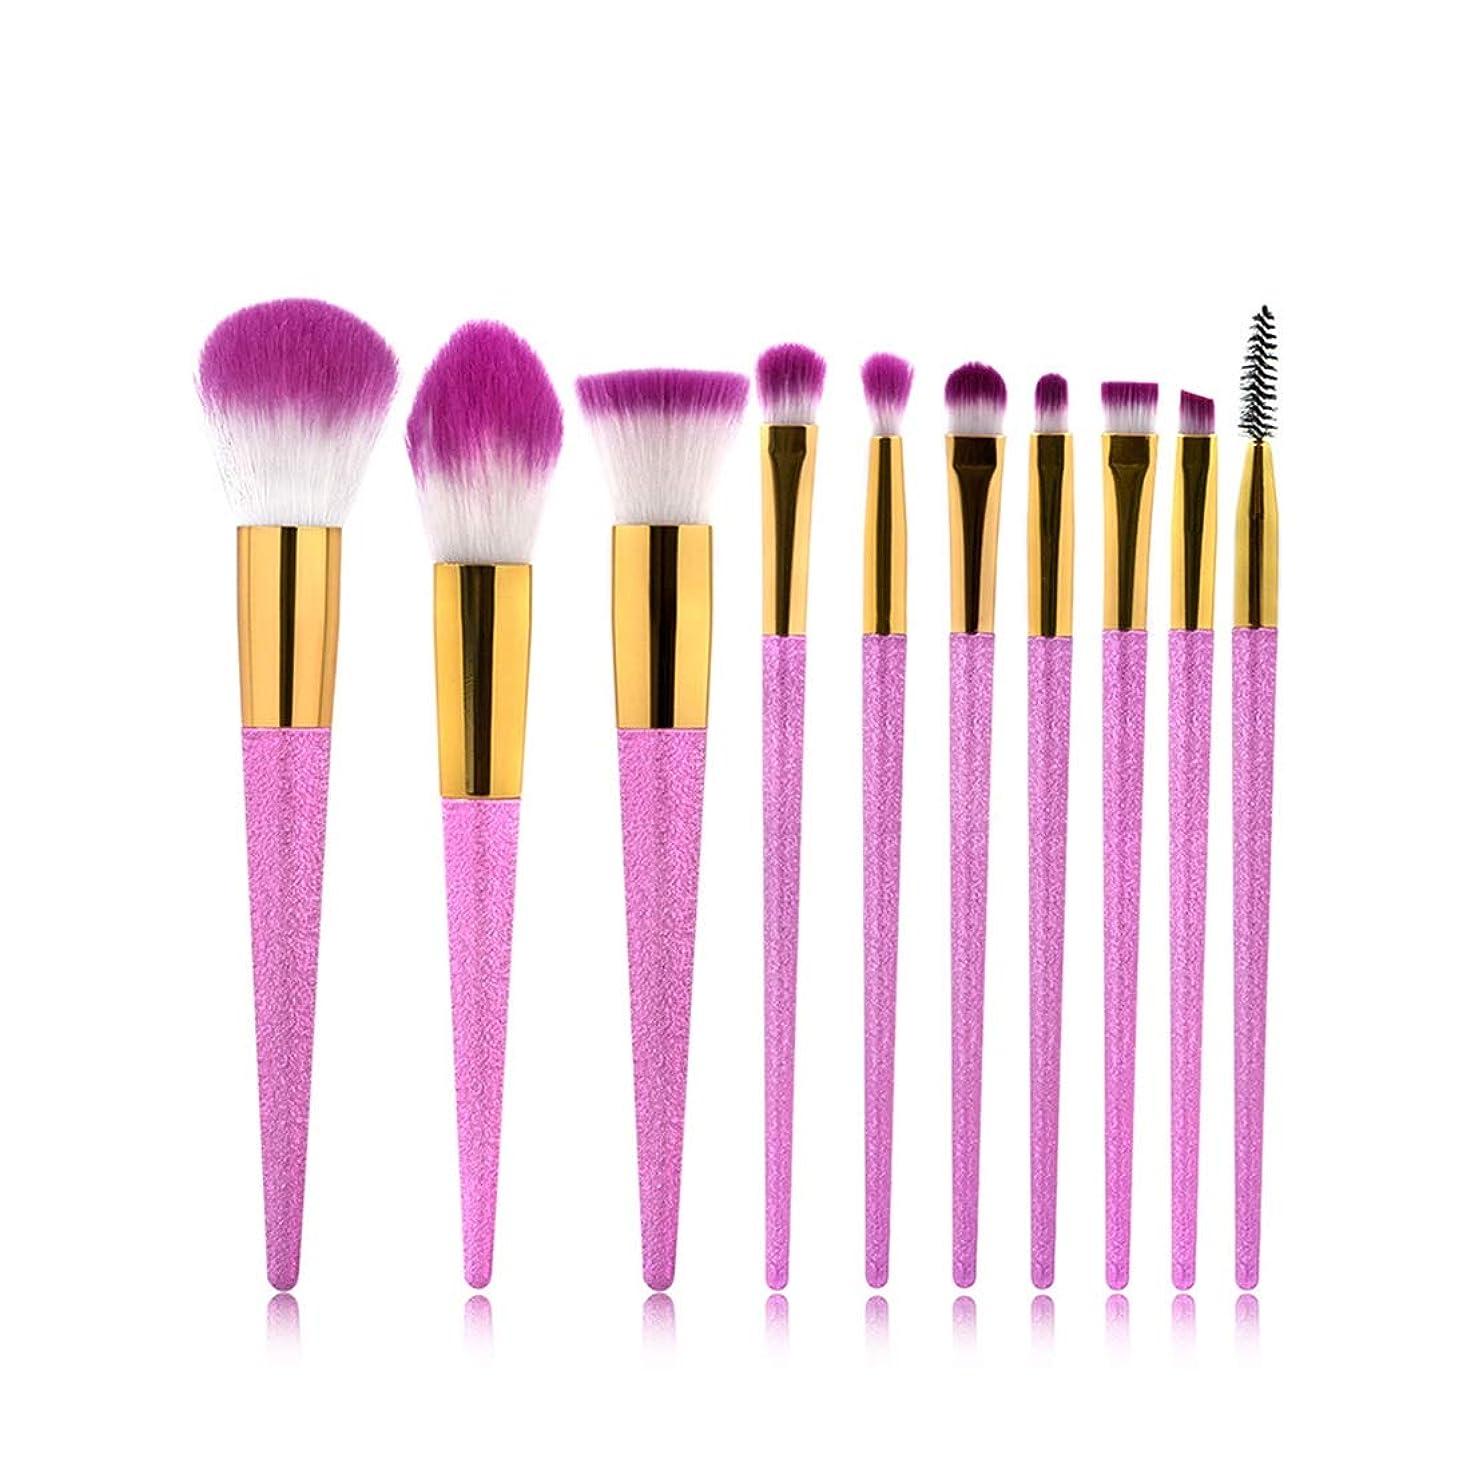 衛星明らかにメガロポリスKeriya Sende 1の化粧筆セット用具の洗面用品のキット繊維の化粧品のアイシャドウブラシ10